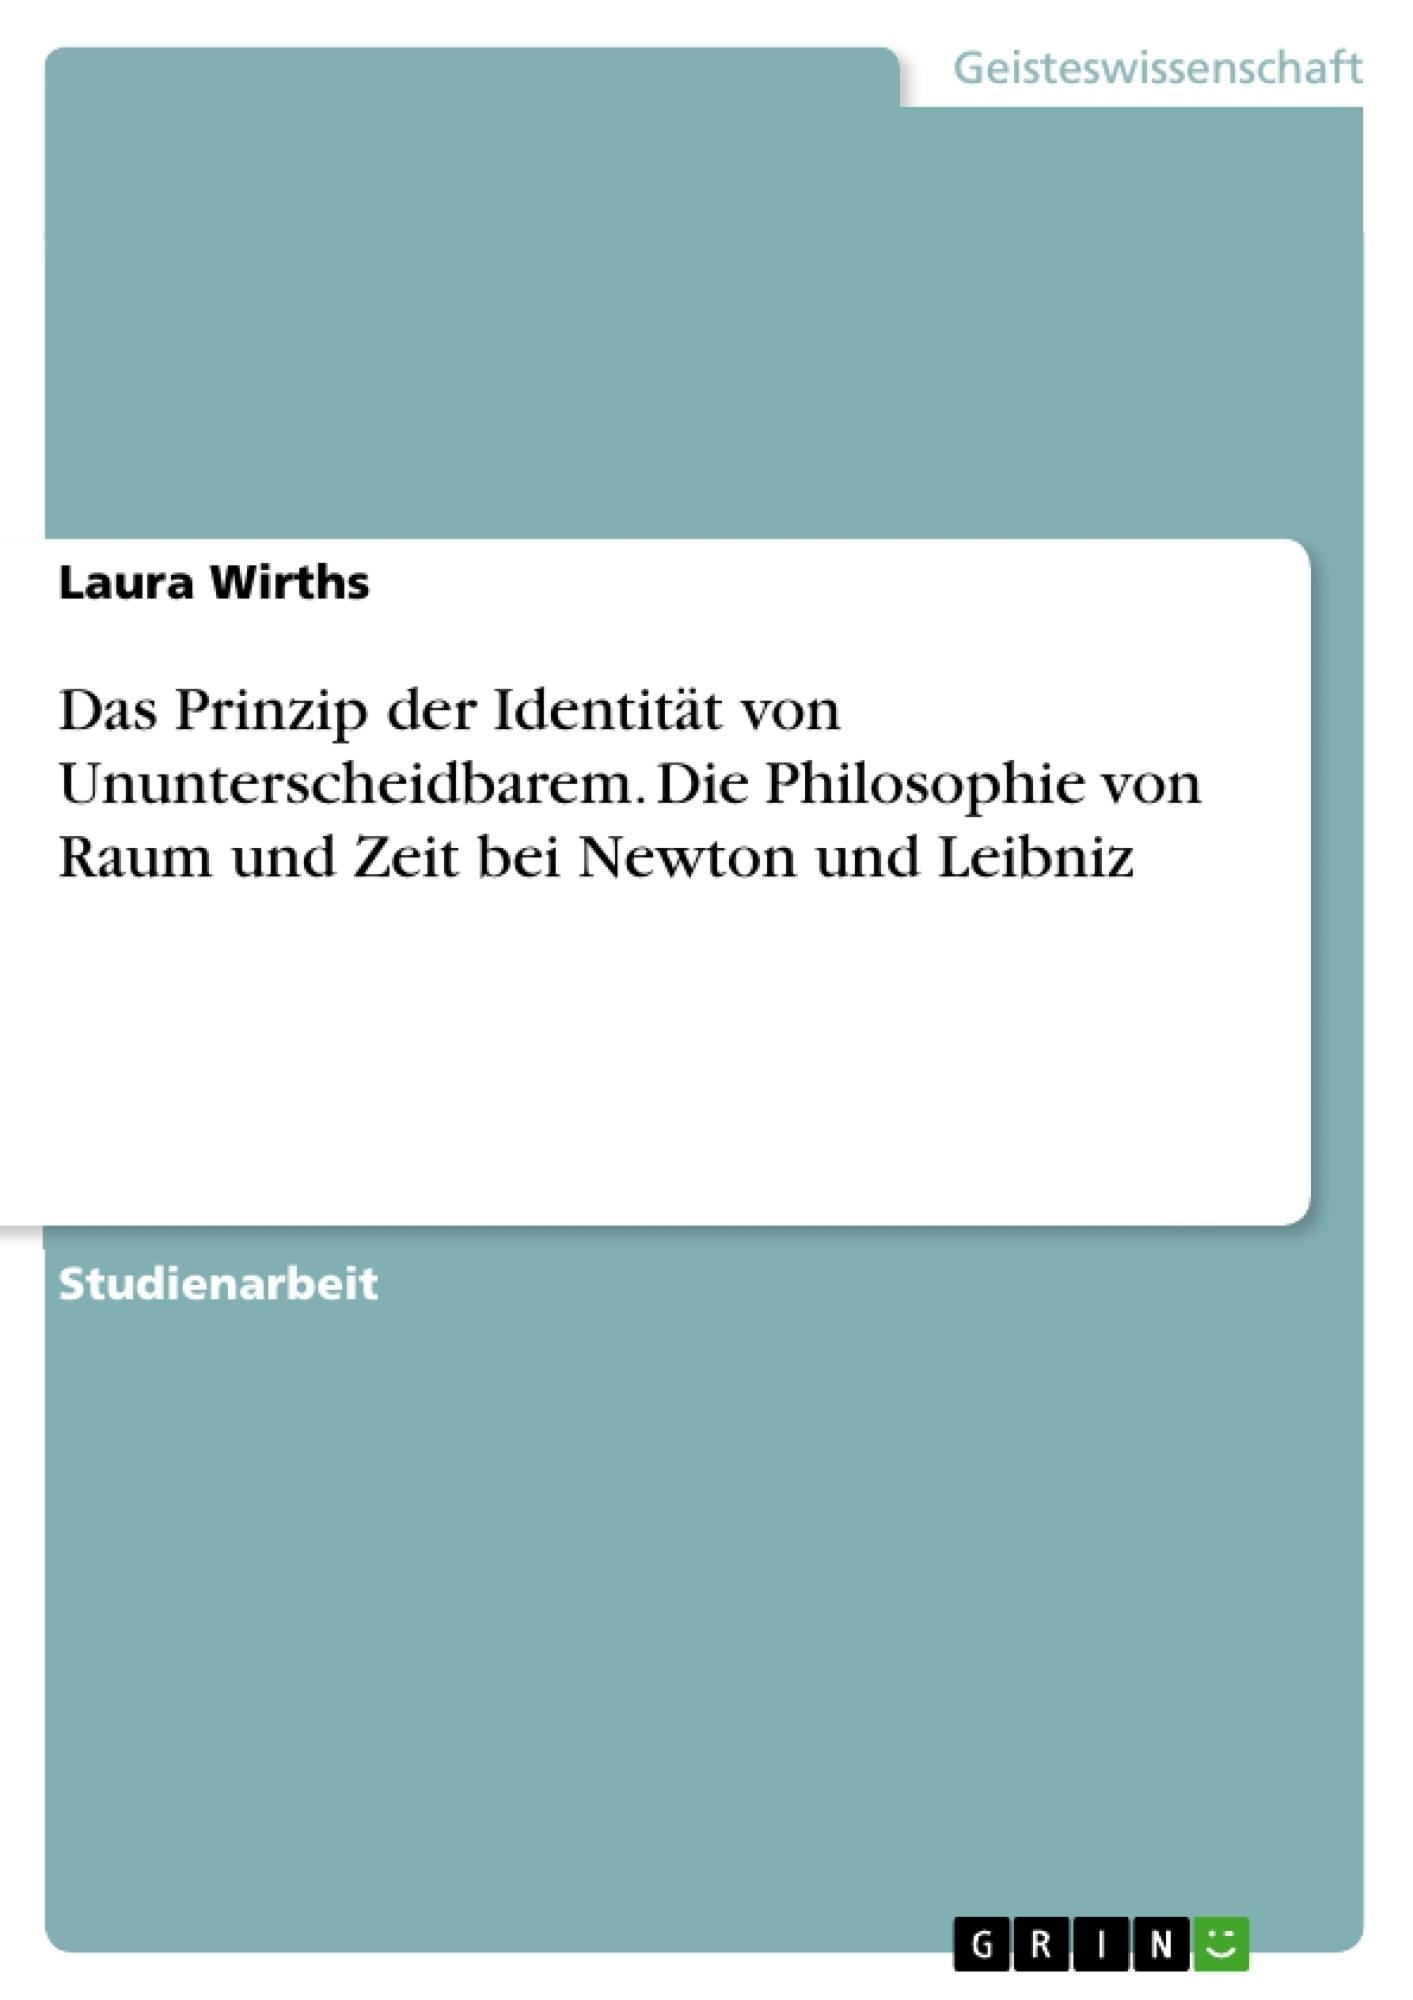 Titel: Das Prinzip der Identität von Ununterscheidbarem. Die Philosophie von Raum und Zeit bei Newton und Leibniz